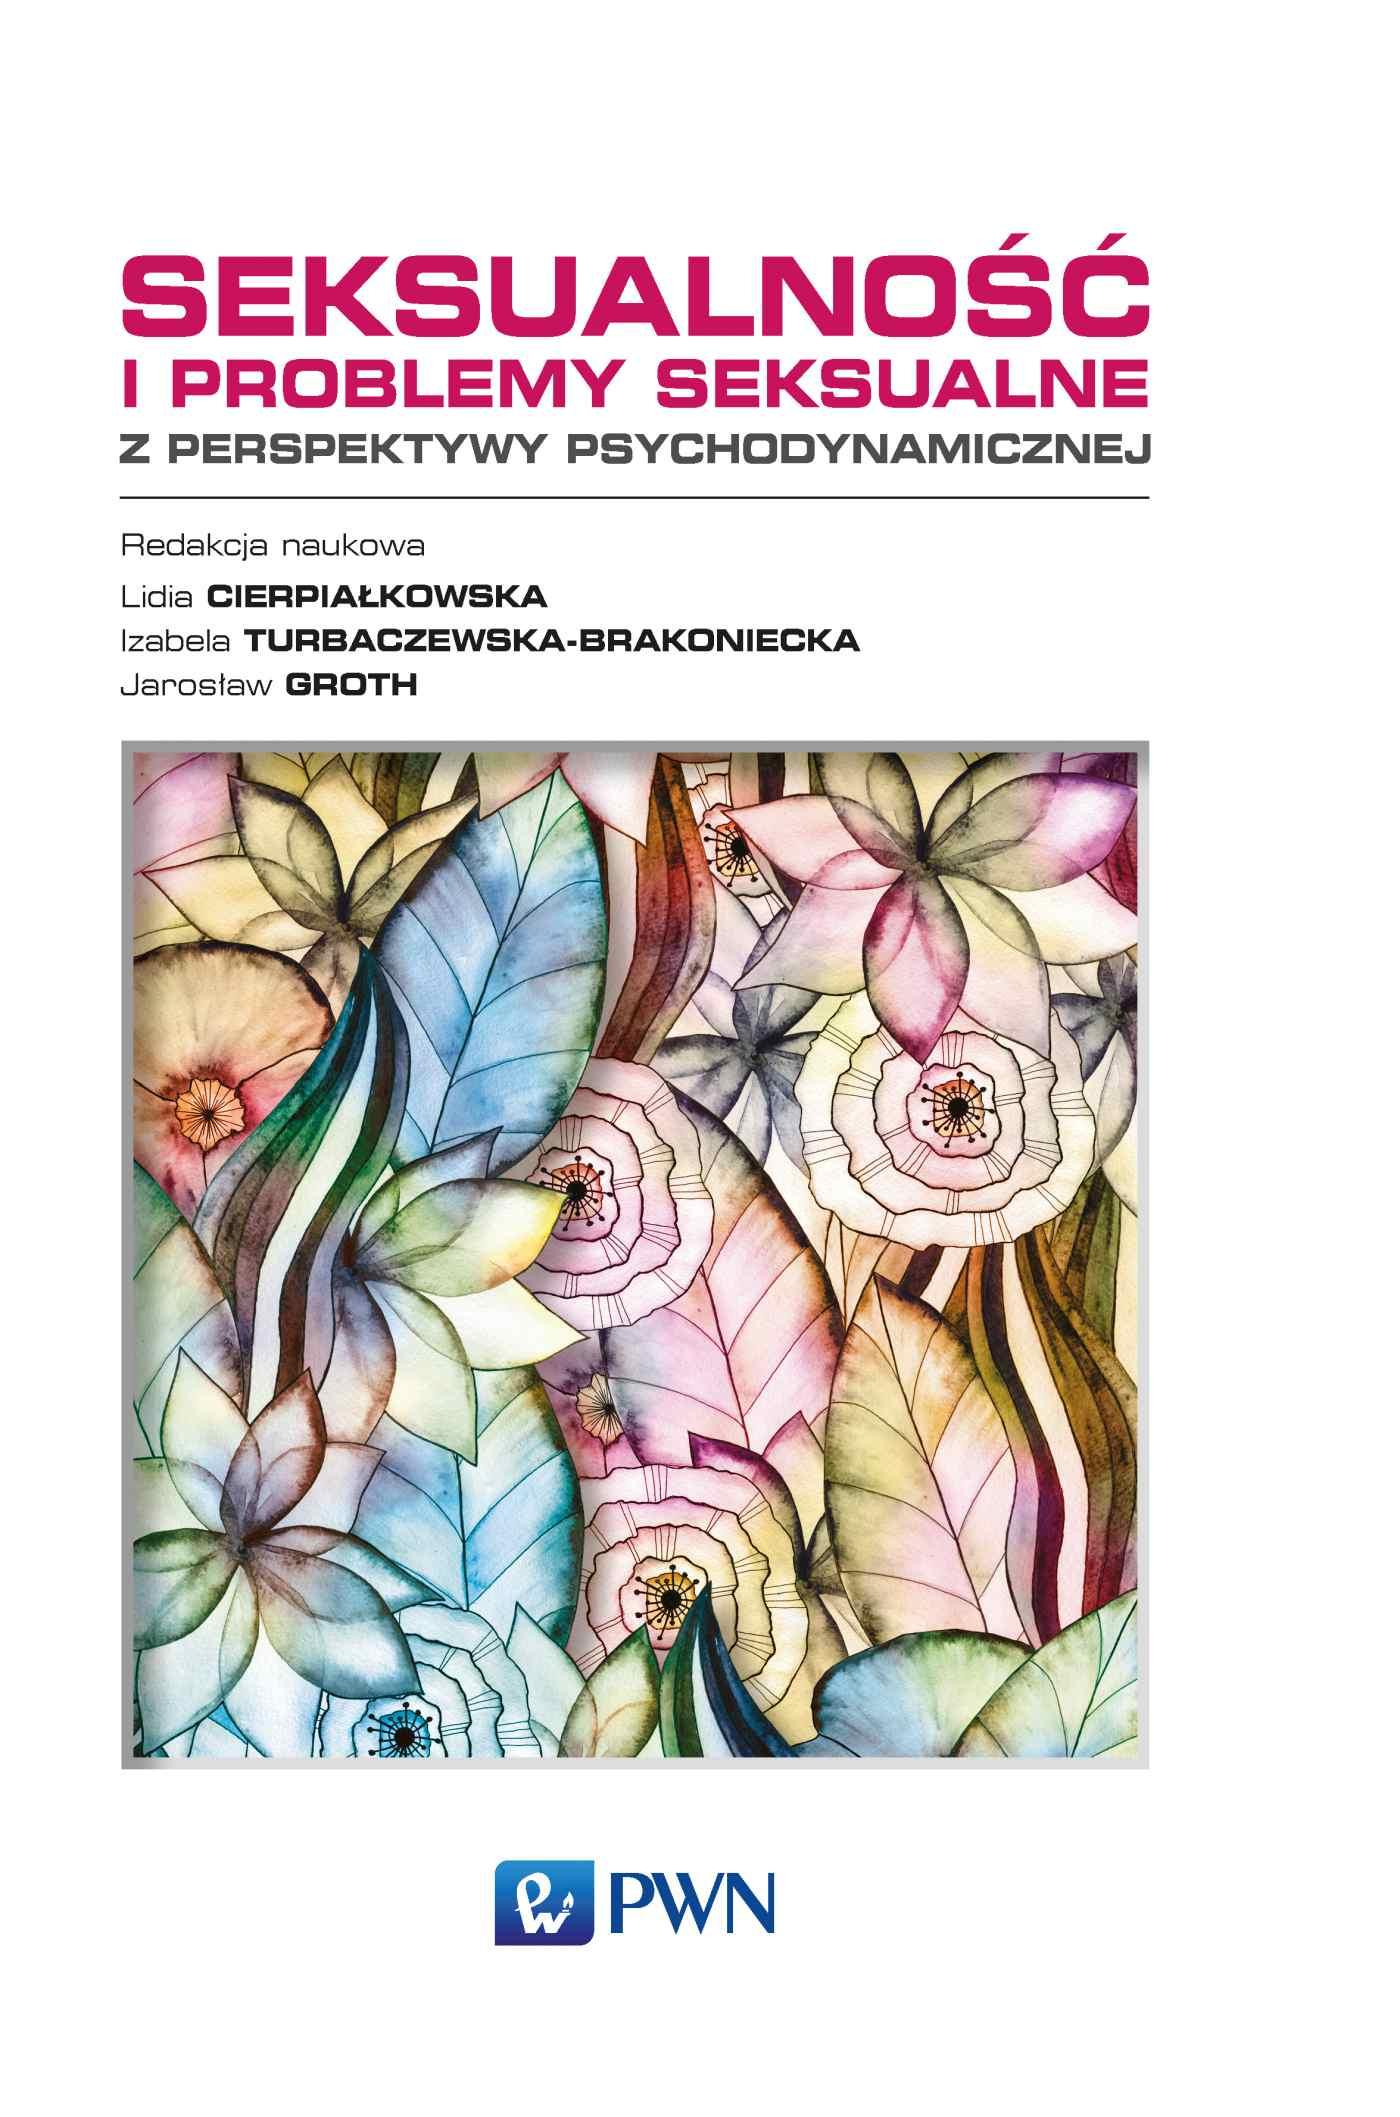 Seksualność i problemy seksualne. Z perspektywy psychodynamicznej - Ebook (Książka EPUB) do pobrania w formacie EPUB